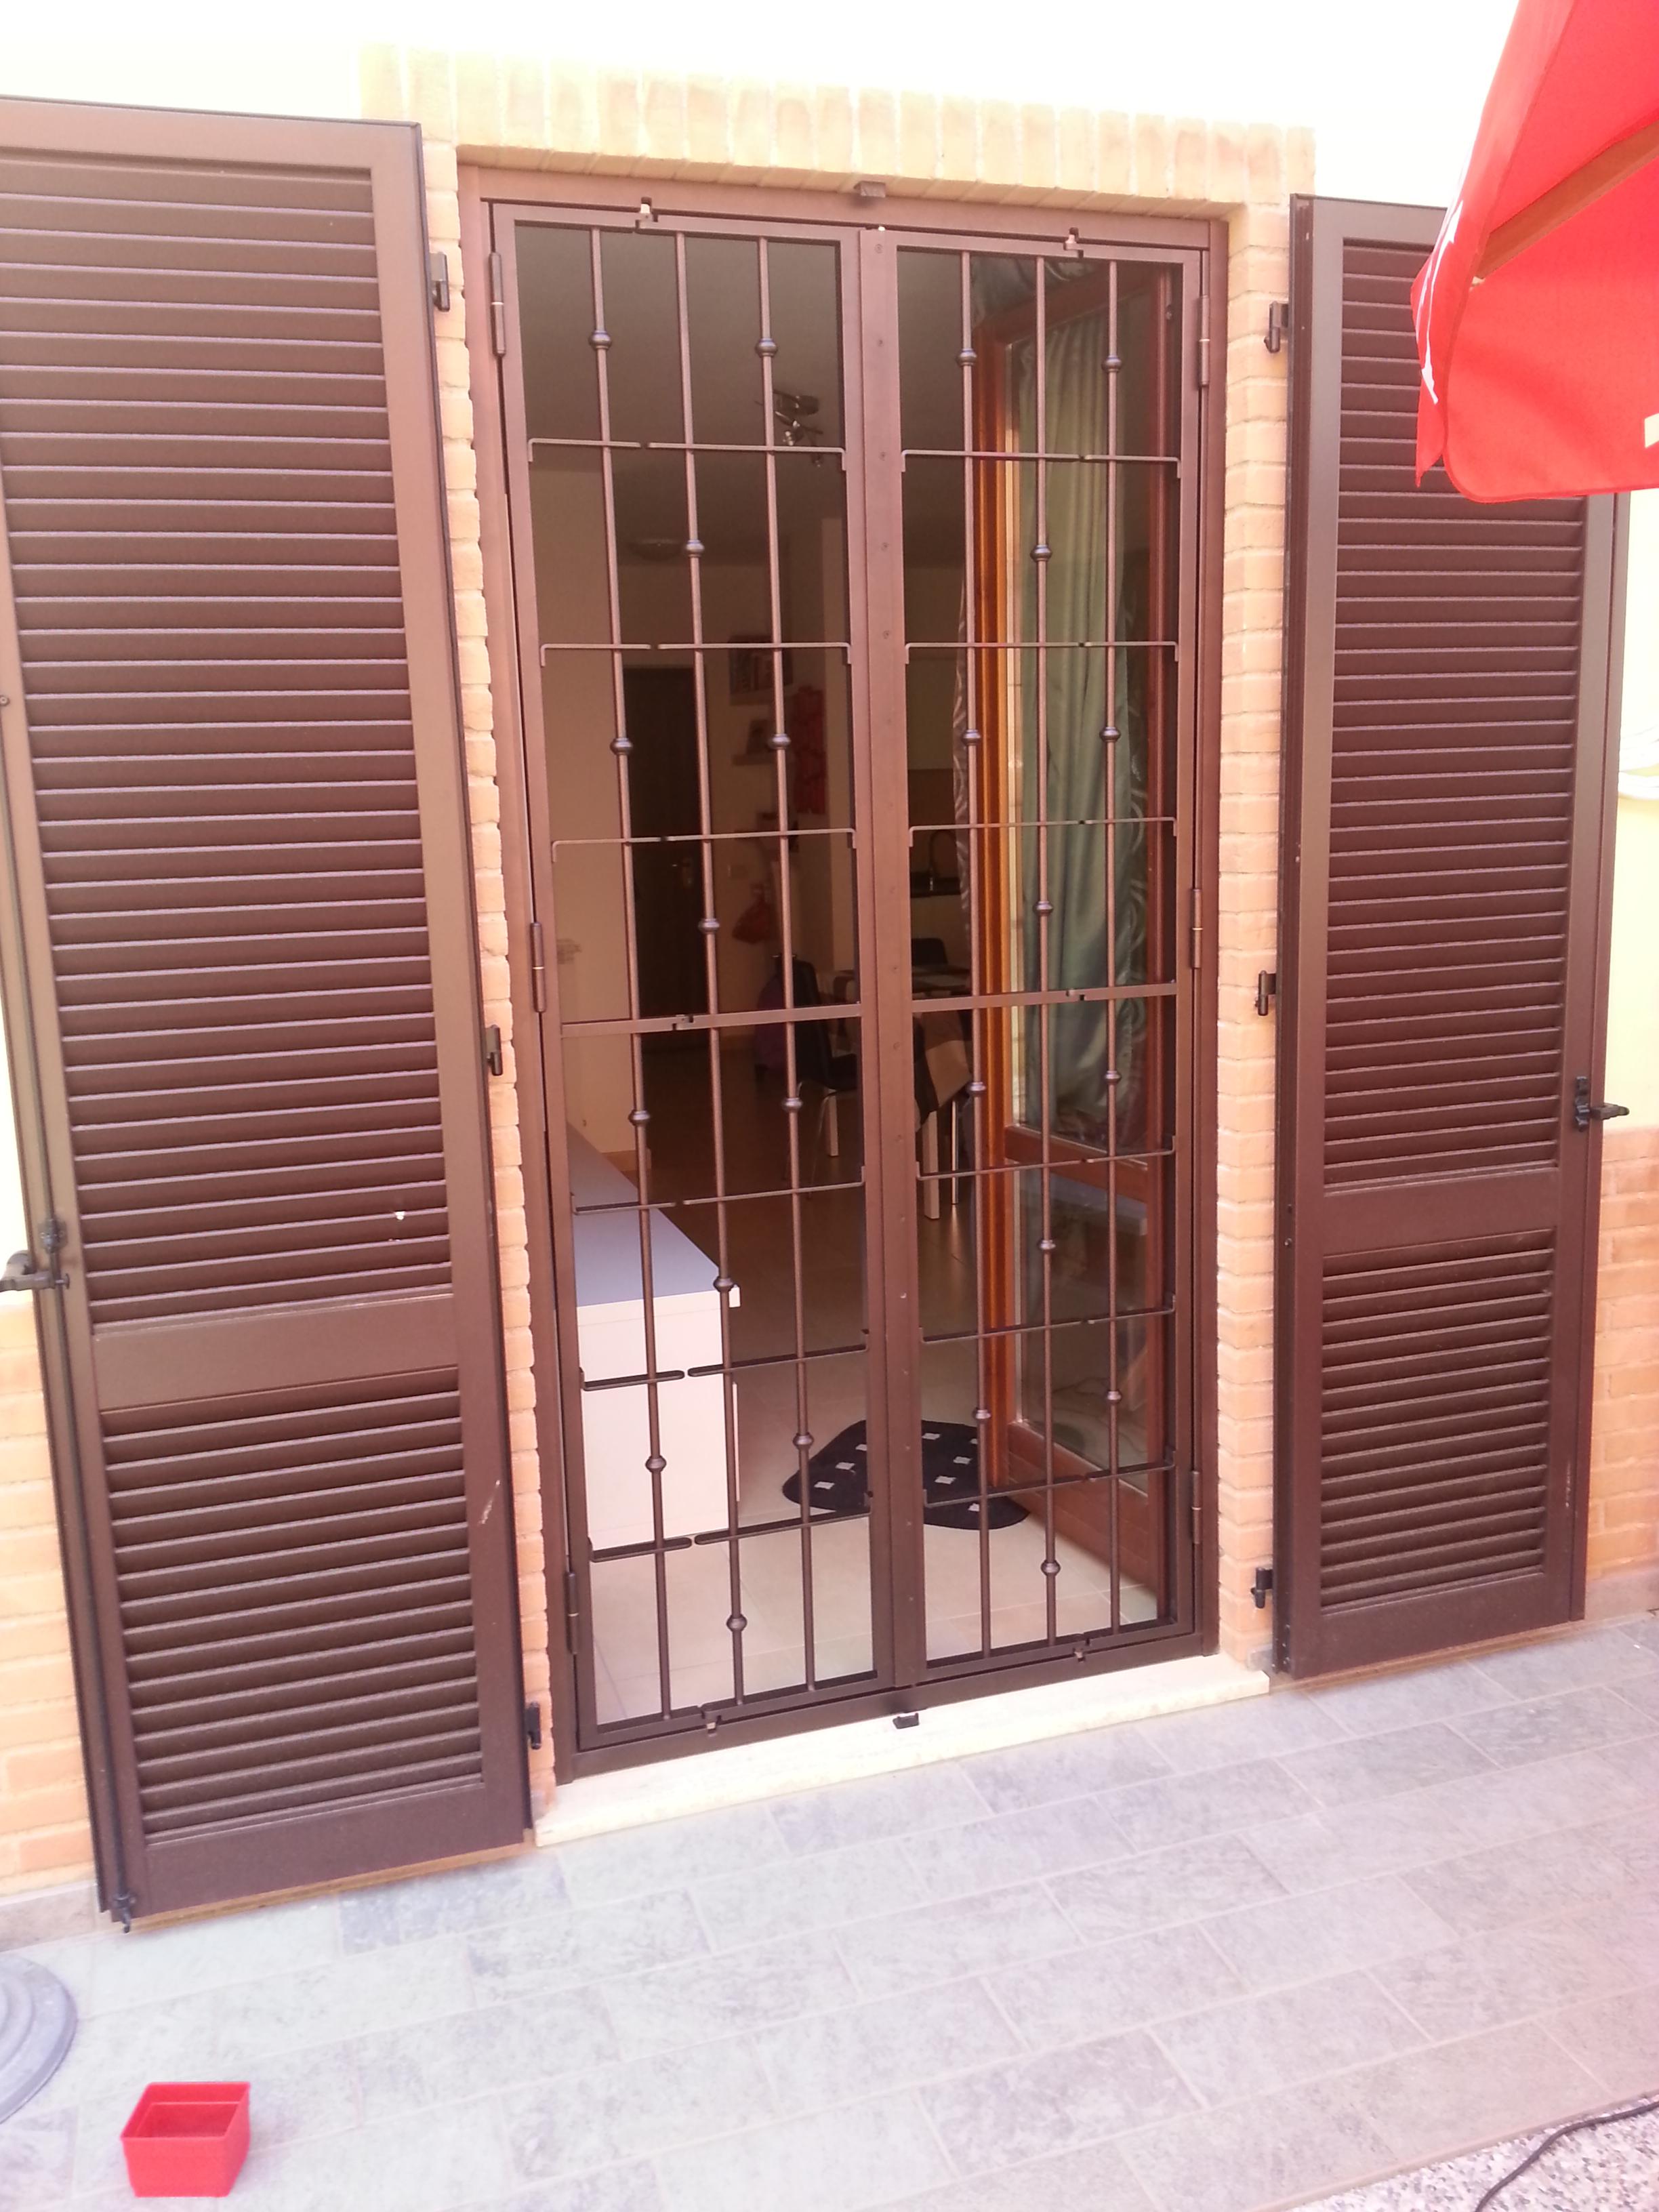 Inferriate di sicurezza con doppio snodo cms sicurezza cms casa mia sicura - Cerniere per finestre ...